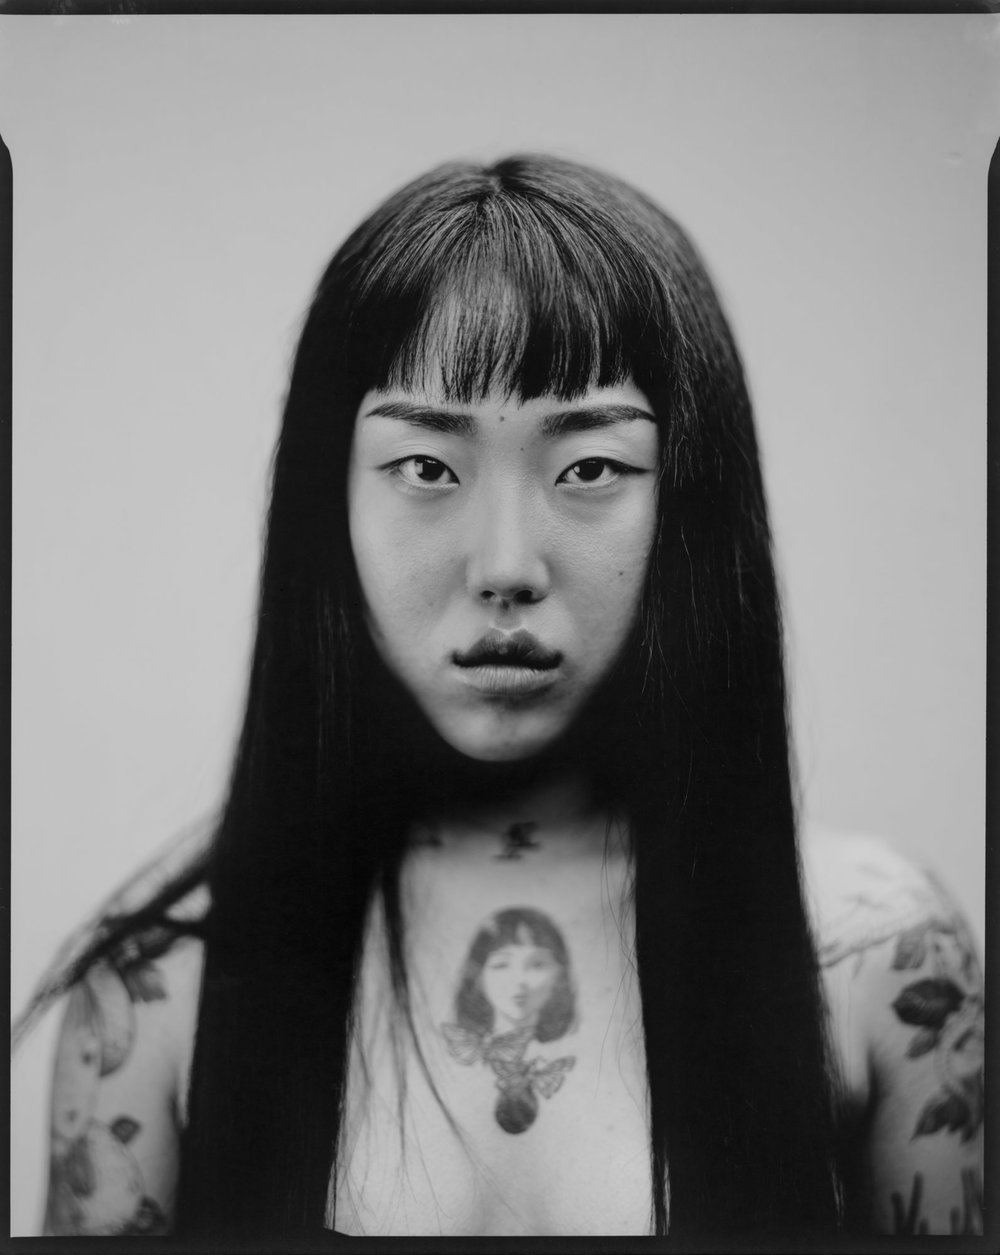 tattooist-korea-810050.jpg